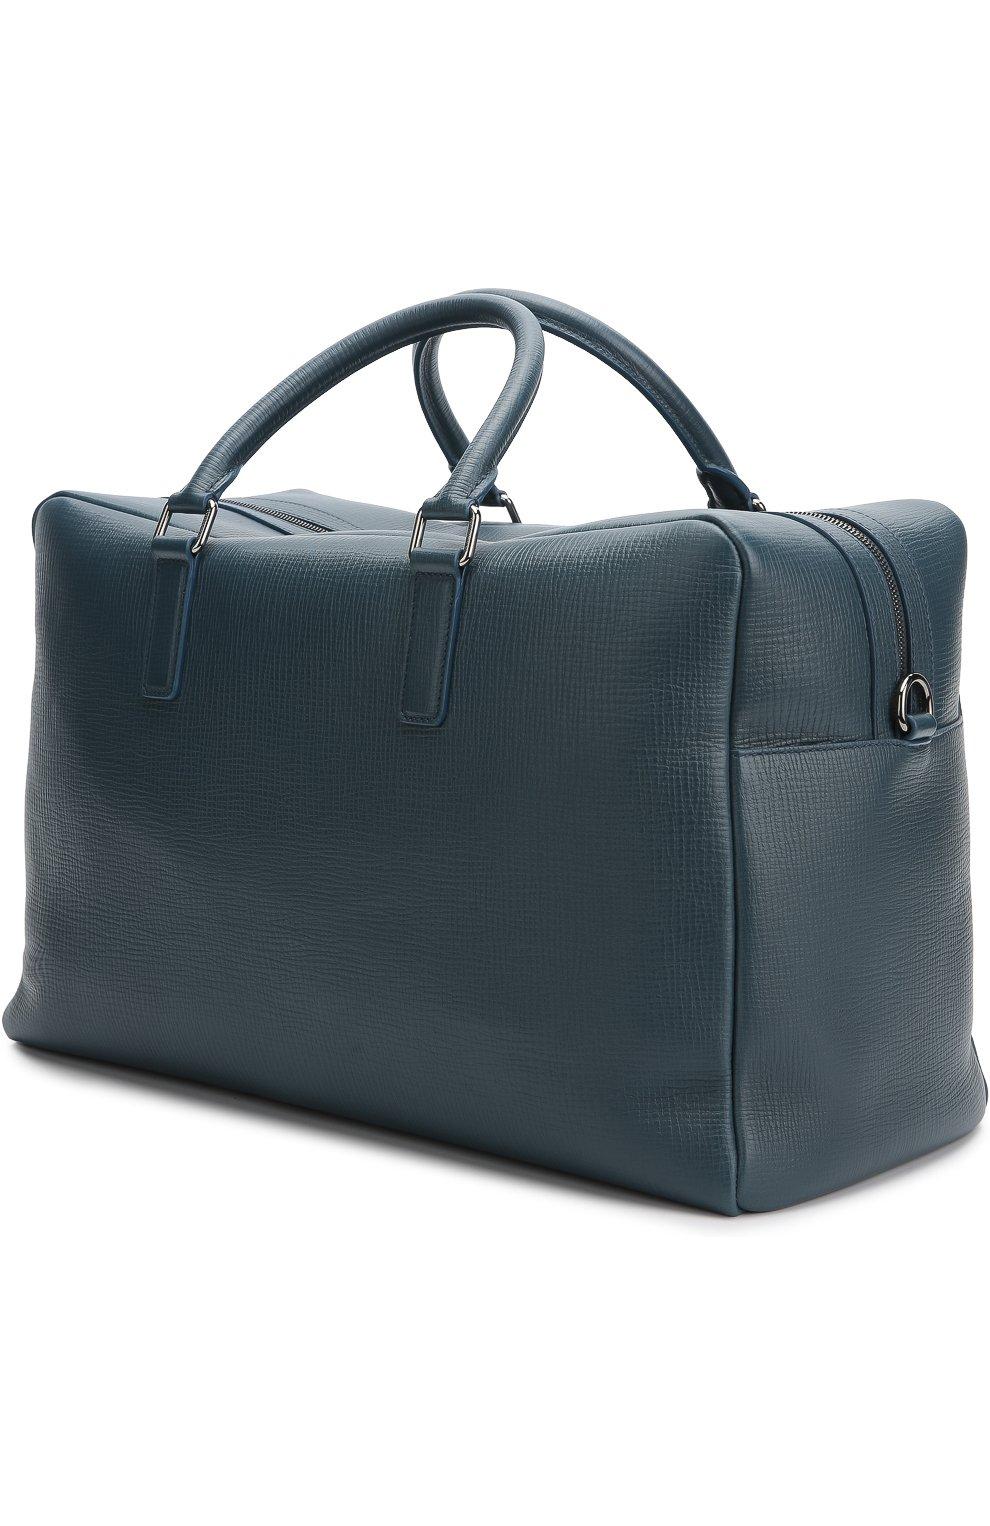 Дорожная сумка Mediterraneo из тисненой кожи Dolce & Gabbana синяя | Фото №3